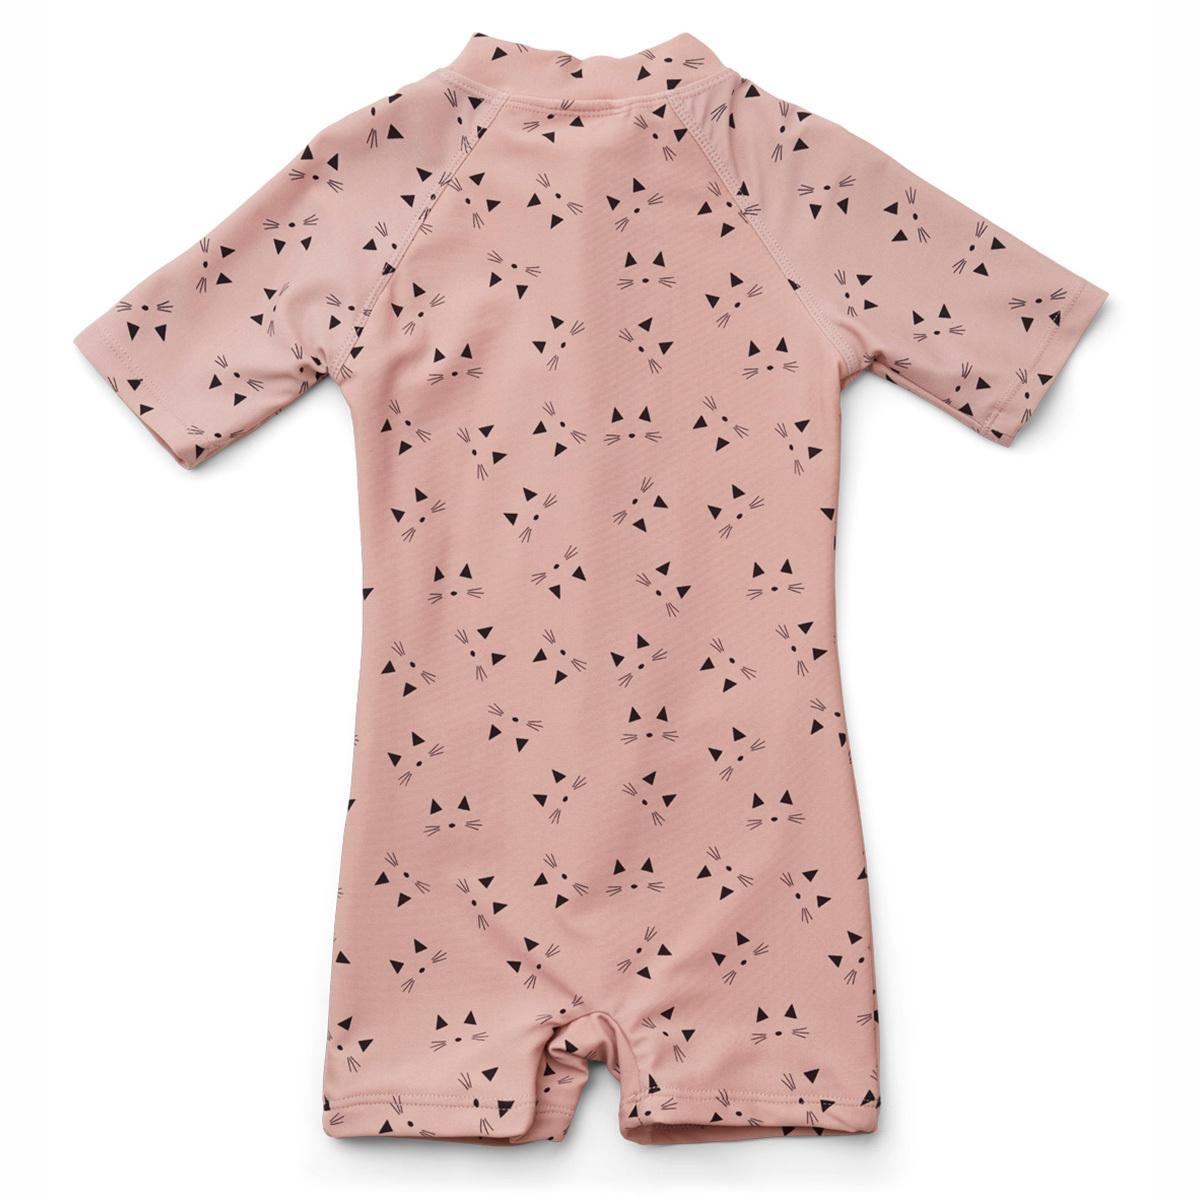 Accessoires bébé Combishort de Bain Max - Cat Rose - 3/6 Mois Combishort de Bain Max - Cat Rose - 3/6 Mois